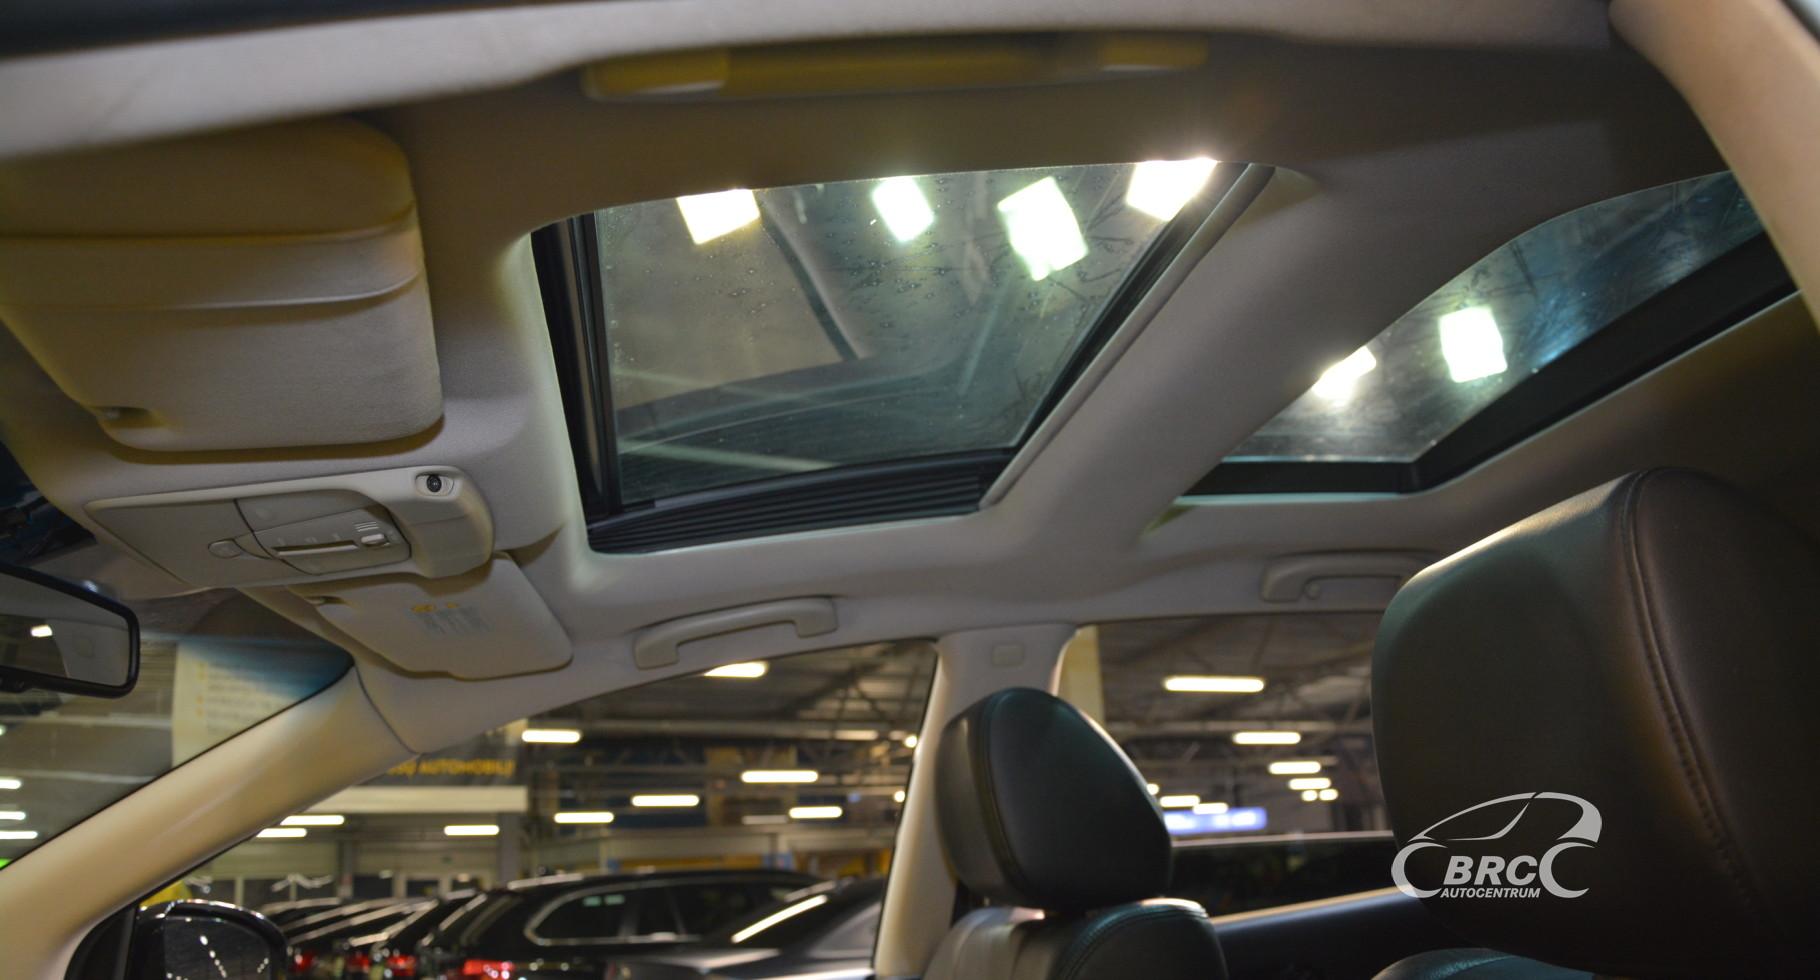 Nissan Murano 2.5 dCi AWD Automatas